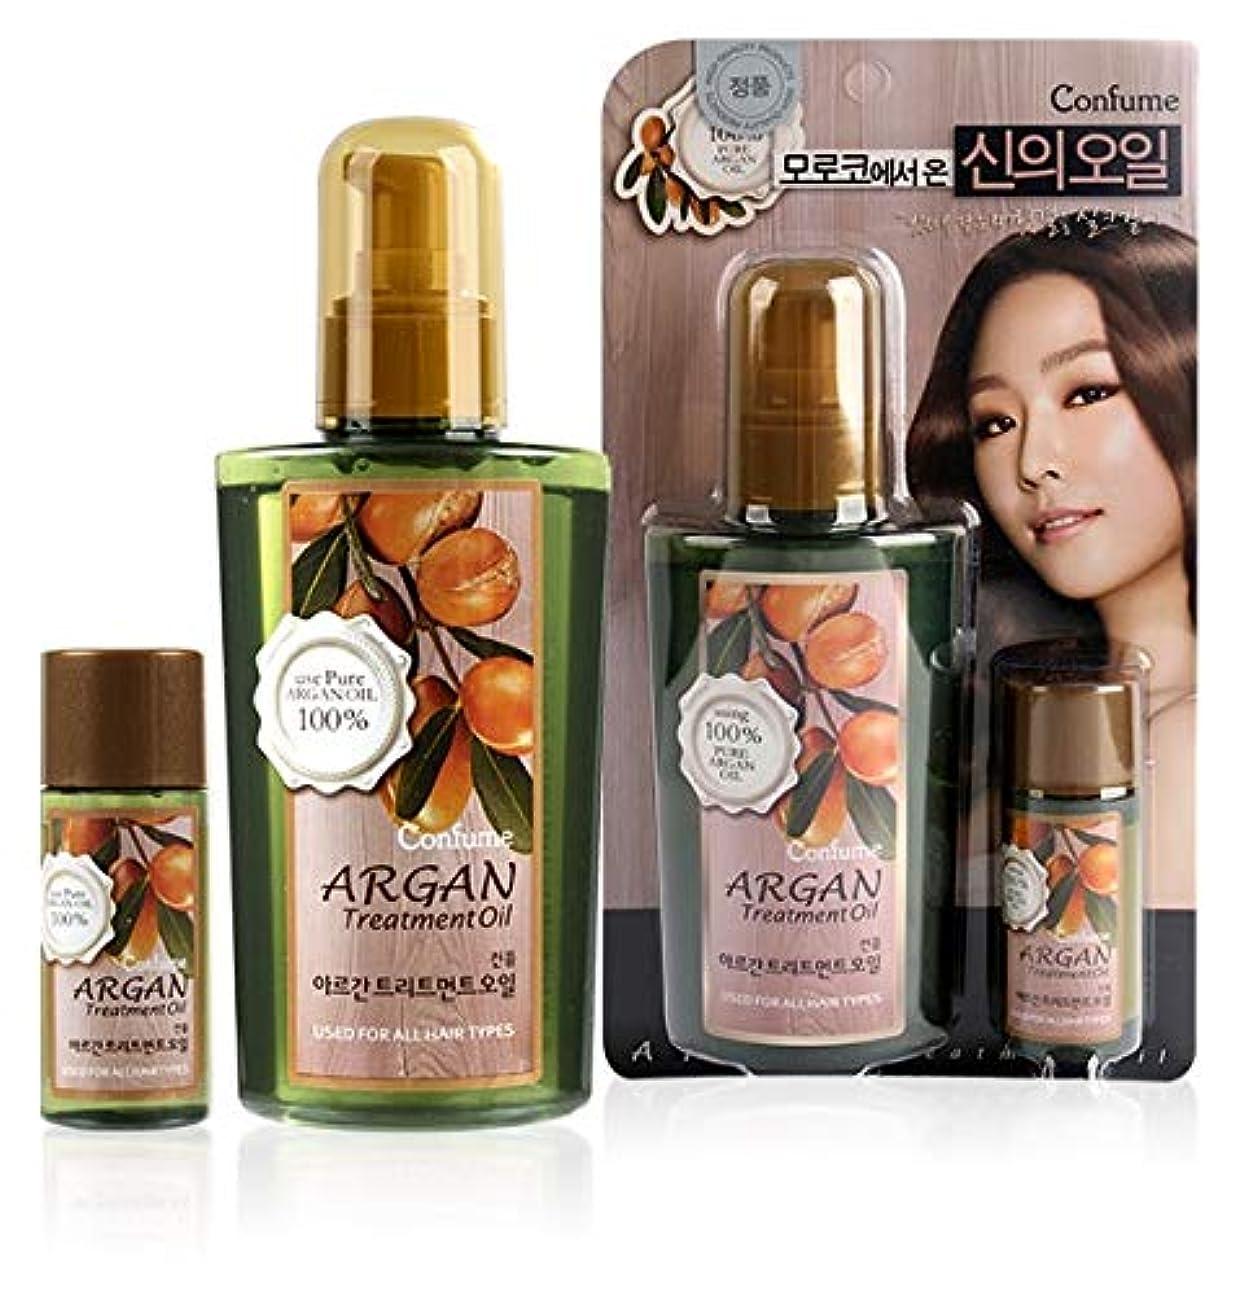 ポンプ隠タフウェルコス(WELCOS) アルガン トリートメント オイル / Welcos Confume Argan Treatment Oil [並行輸入品]